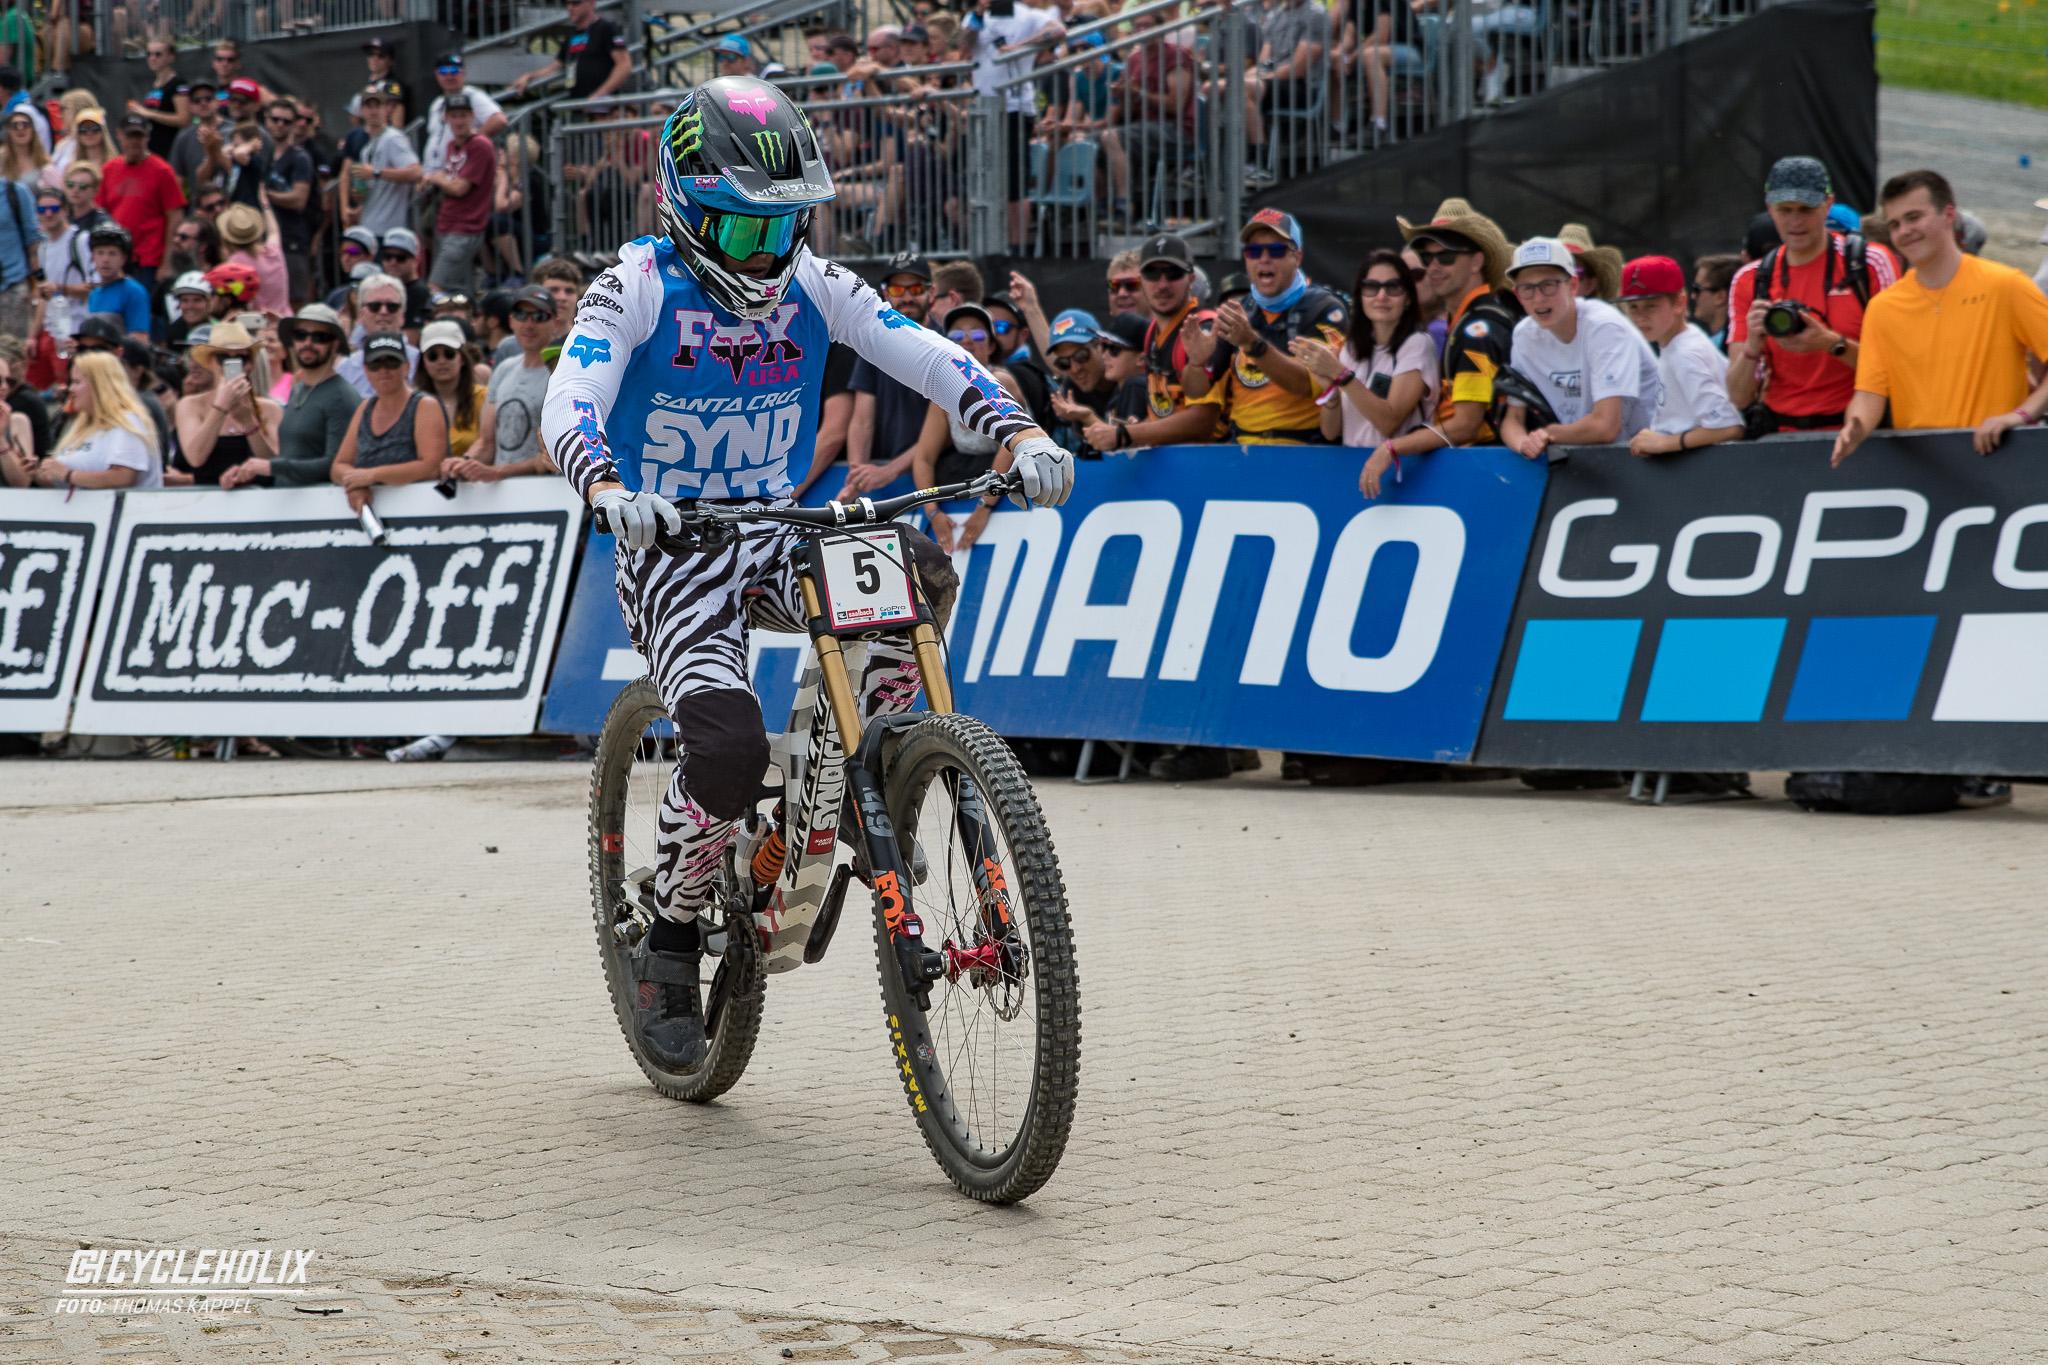 2019 Downhill Worldcup Leogang Ziel 16